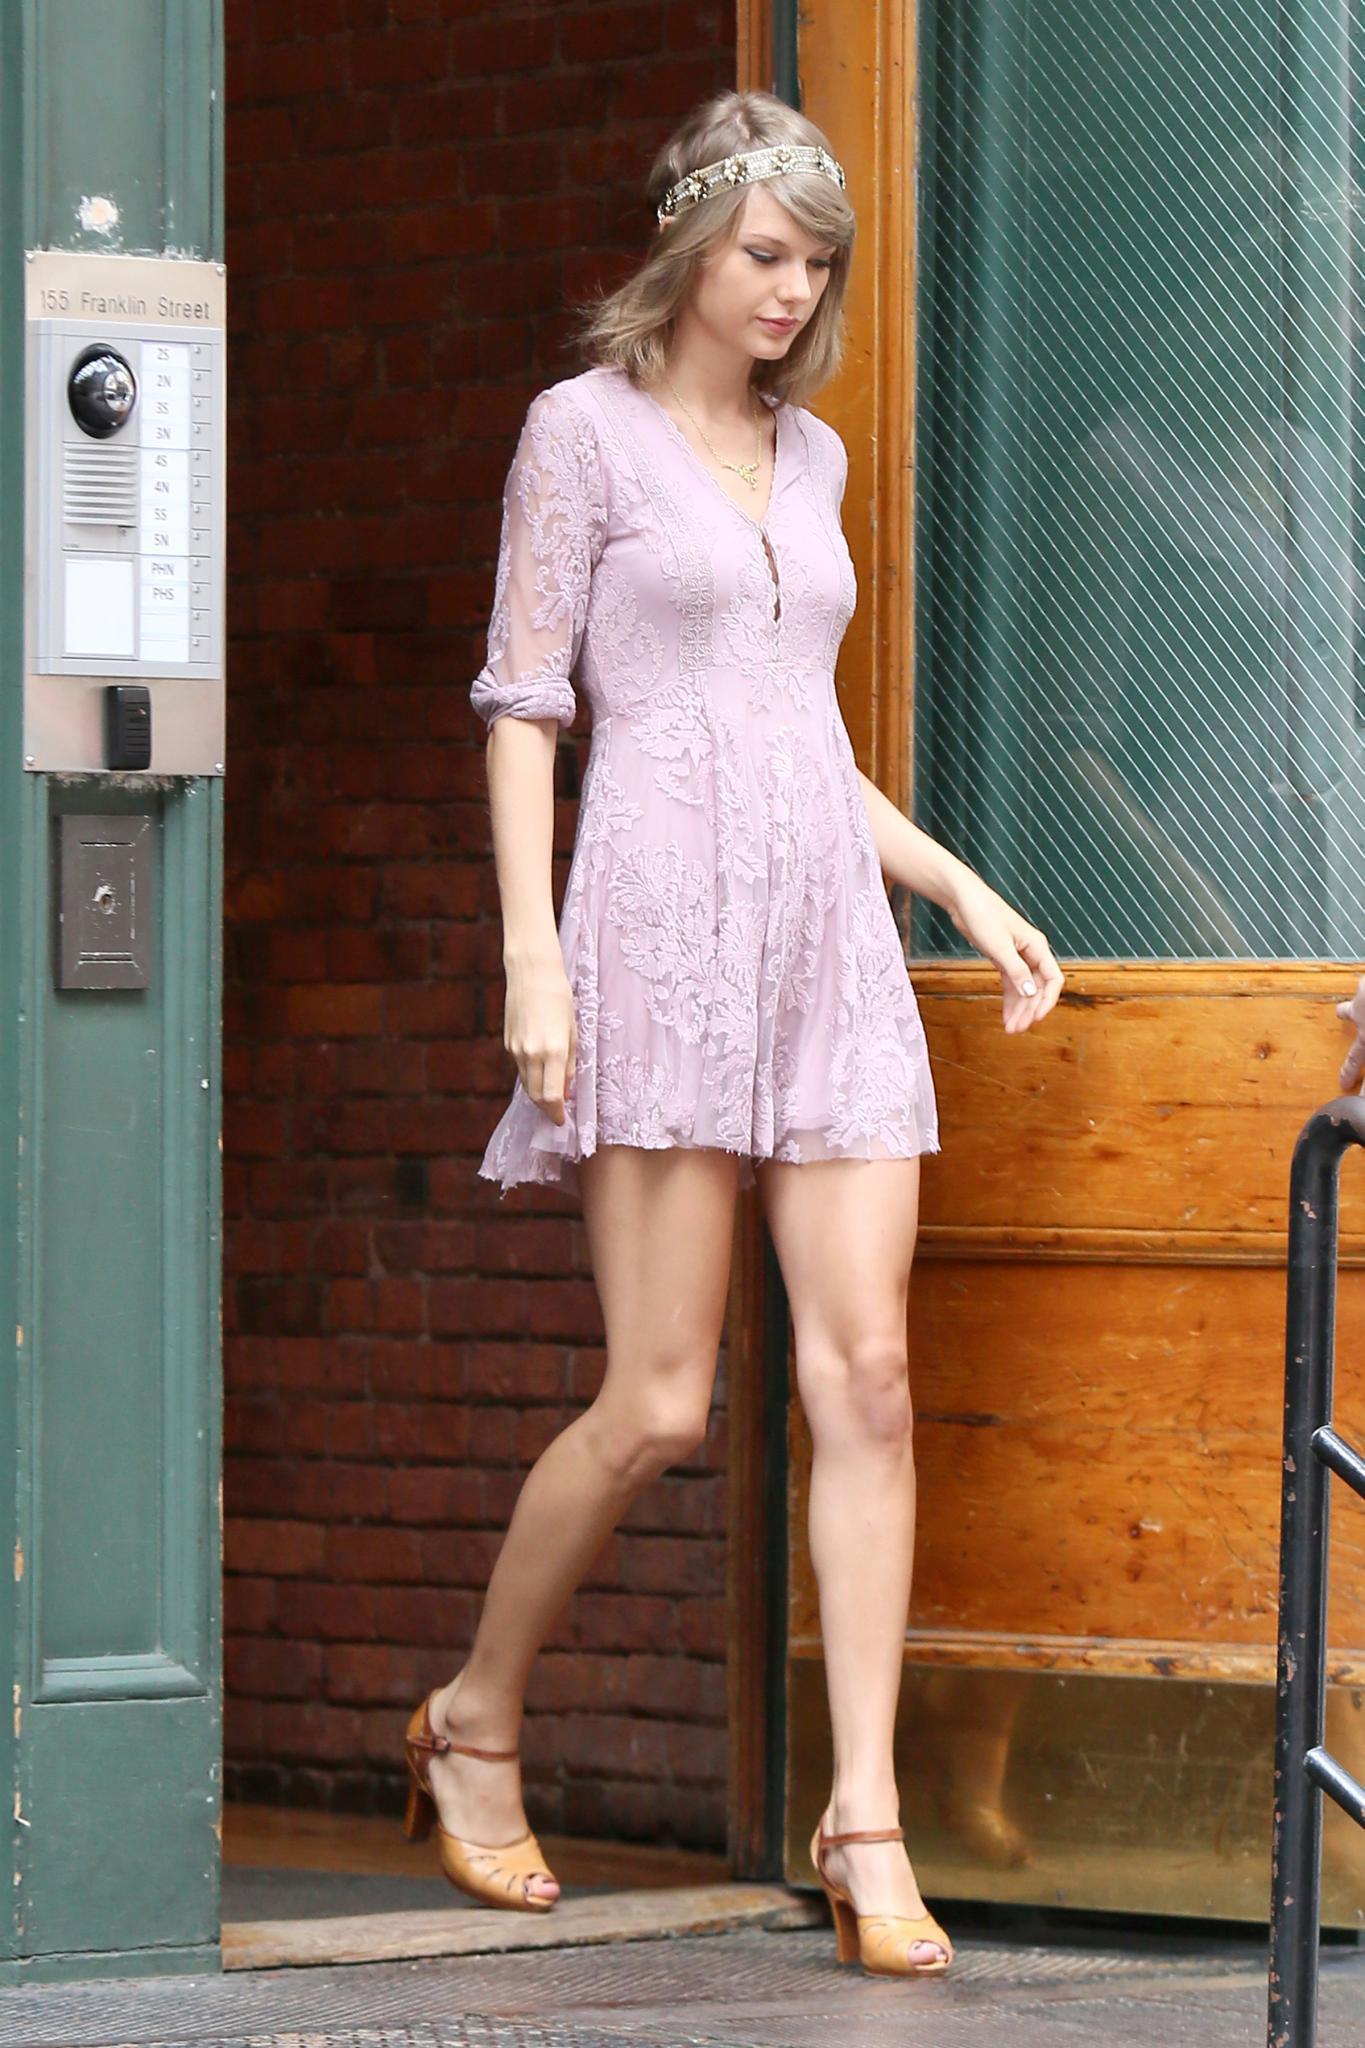 Wenn sie gerade nicht auf Tour ist, hält sich Taylor Swift vorzugsweise in ihrer Wohnung in New York auf. Sobald sie auf die Straße geht, bricht vor ihrer Haustür ein Blitzlichtgewitter los.